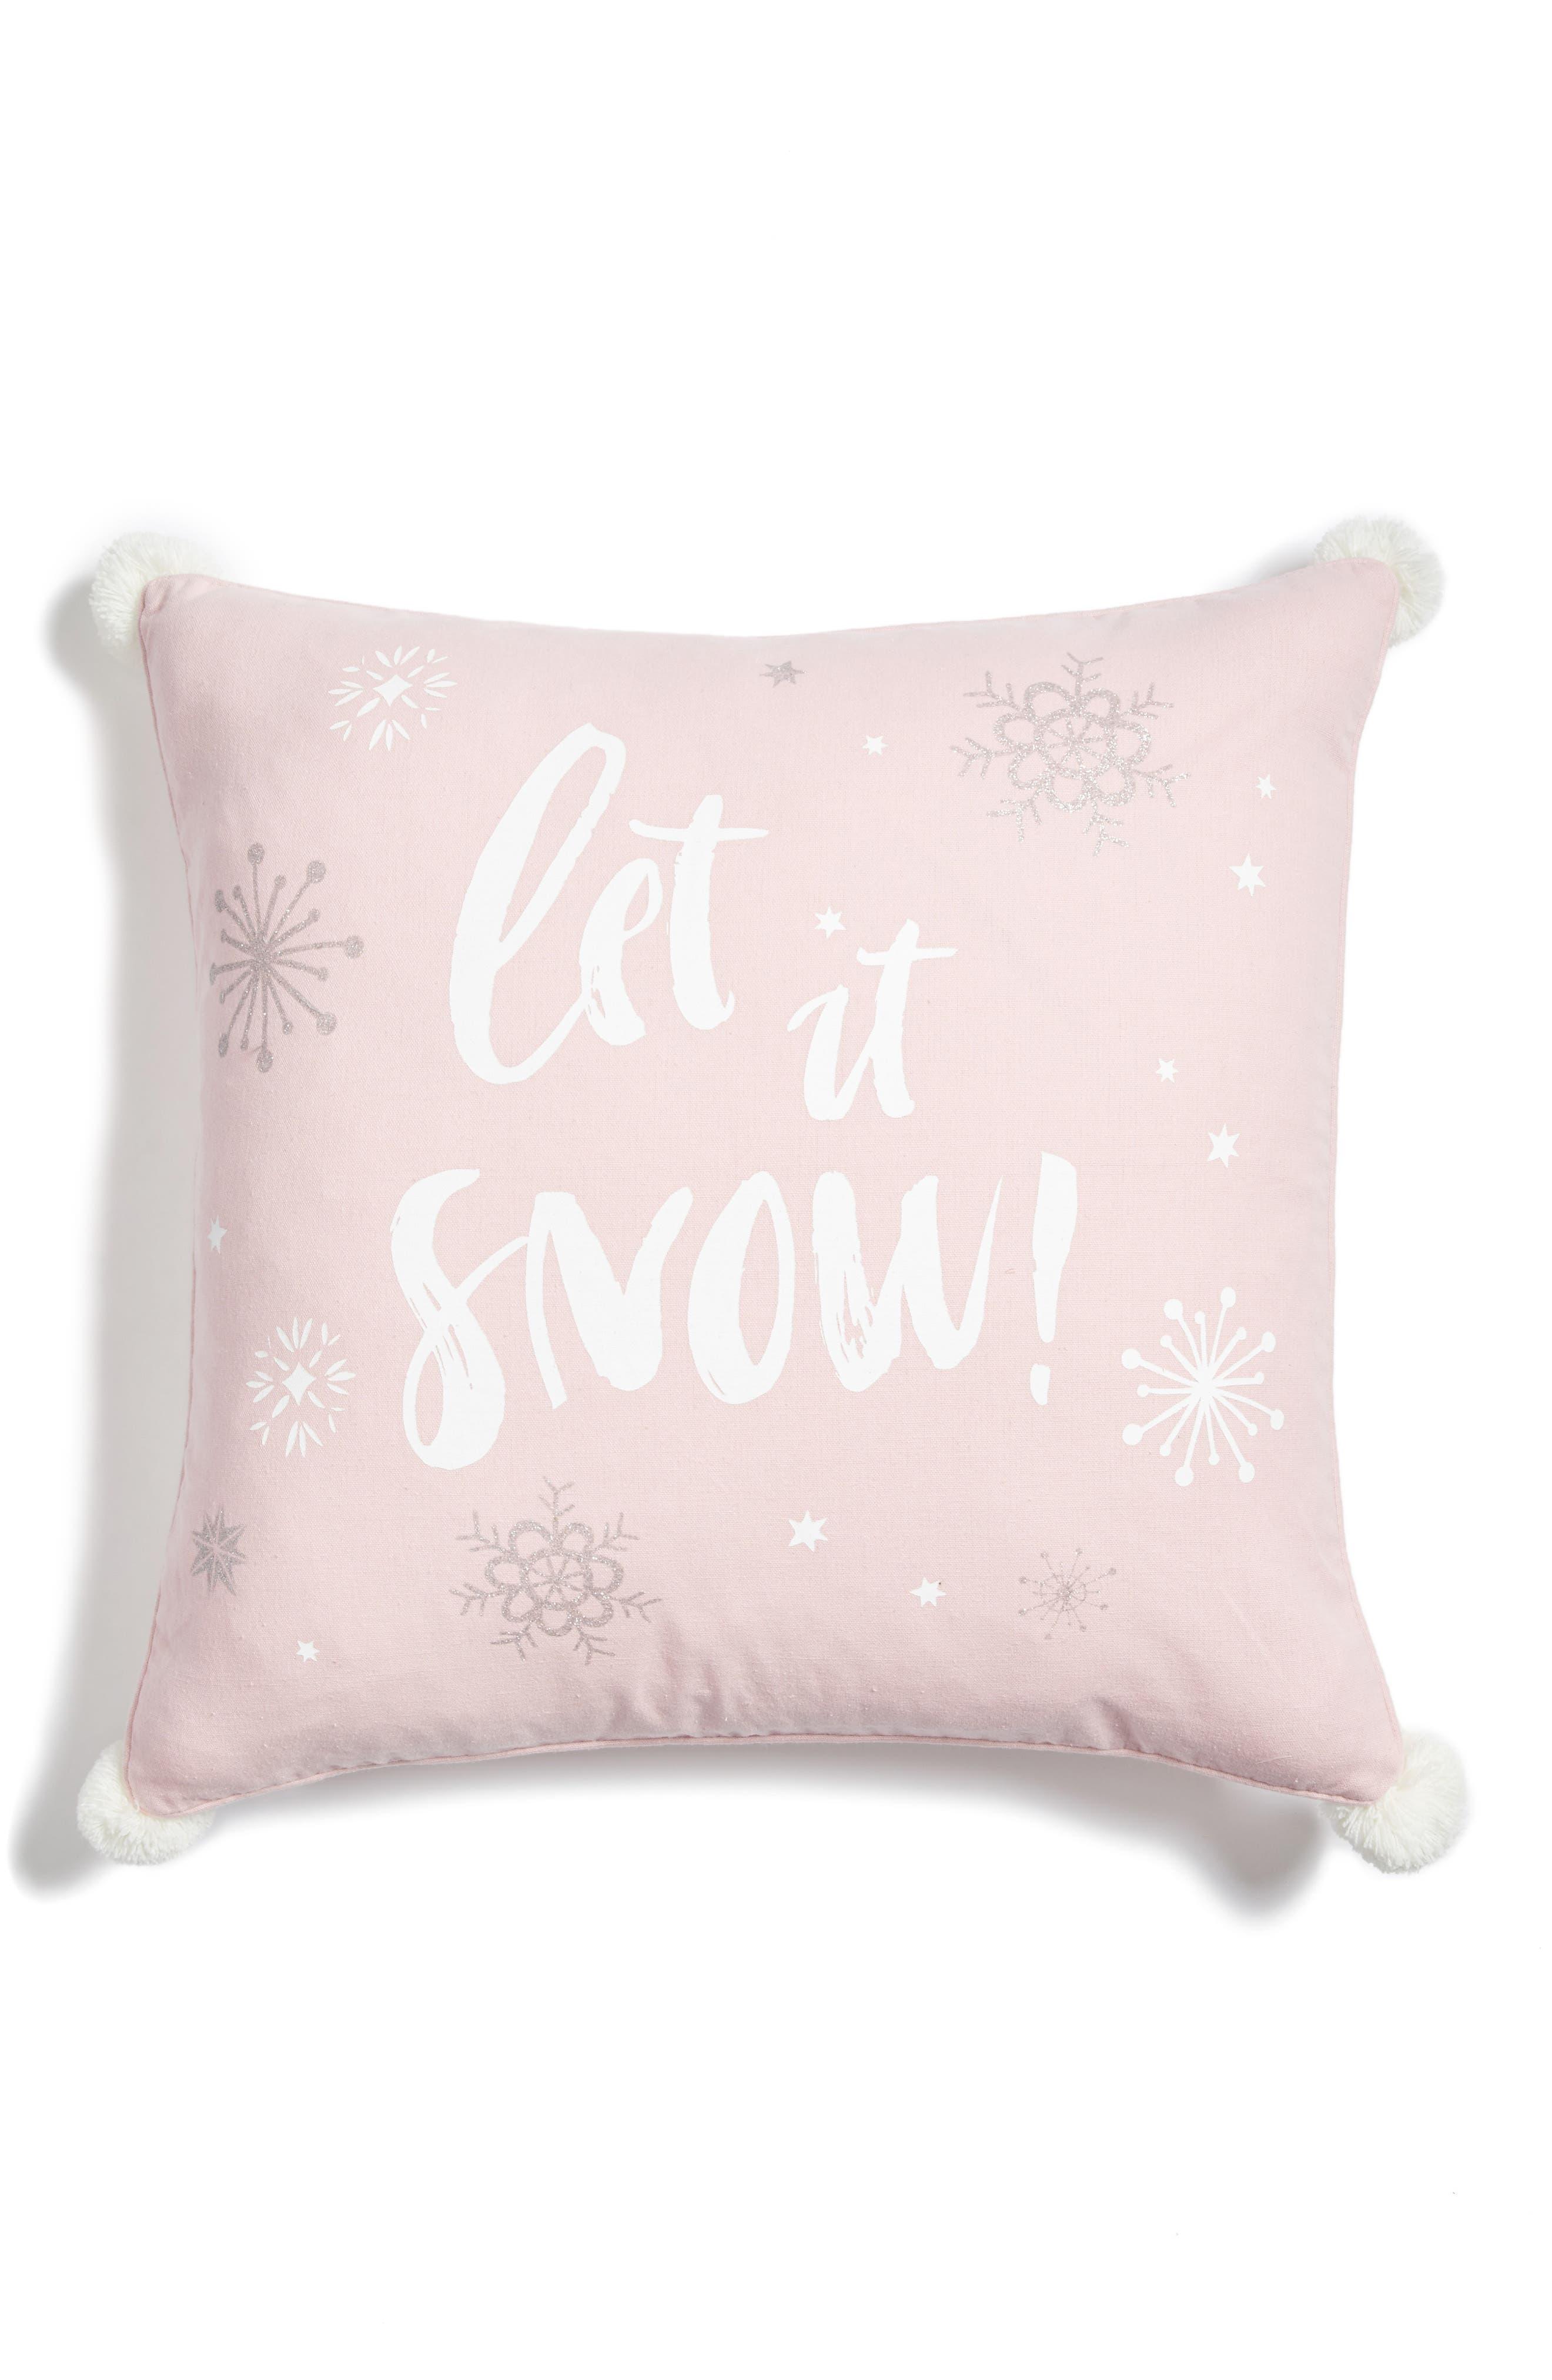 Levtex Let It Snow Pillow